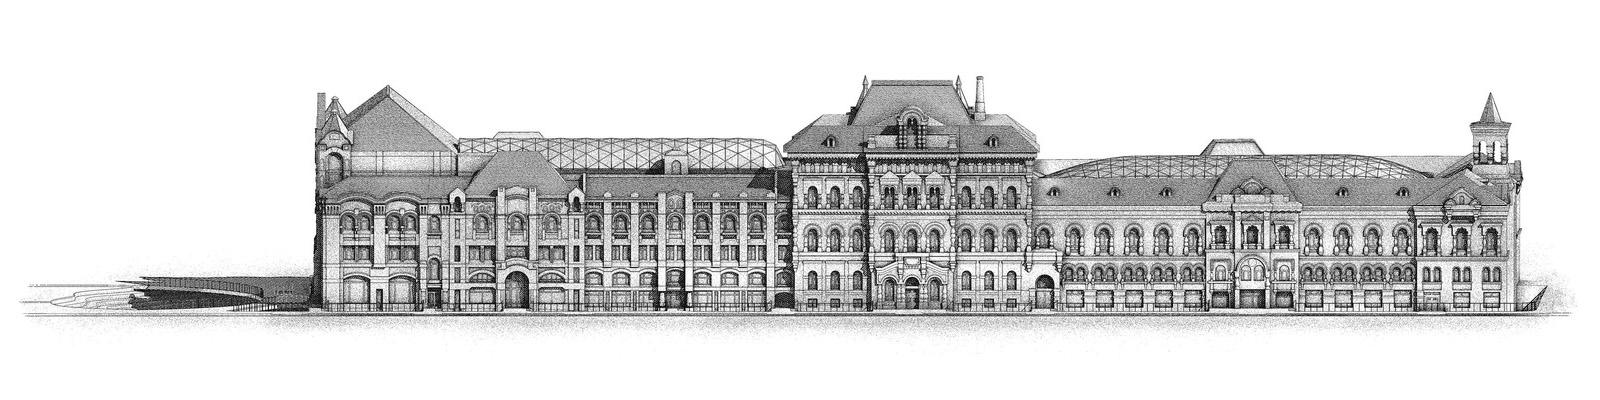 Как идёт реконструкция Политехнического музея? Часть 1 - 22